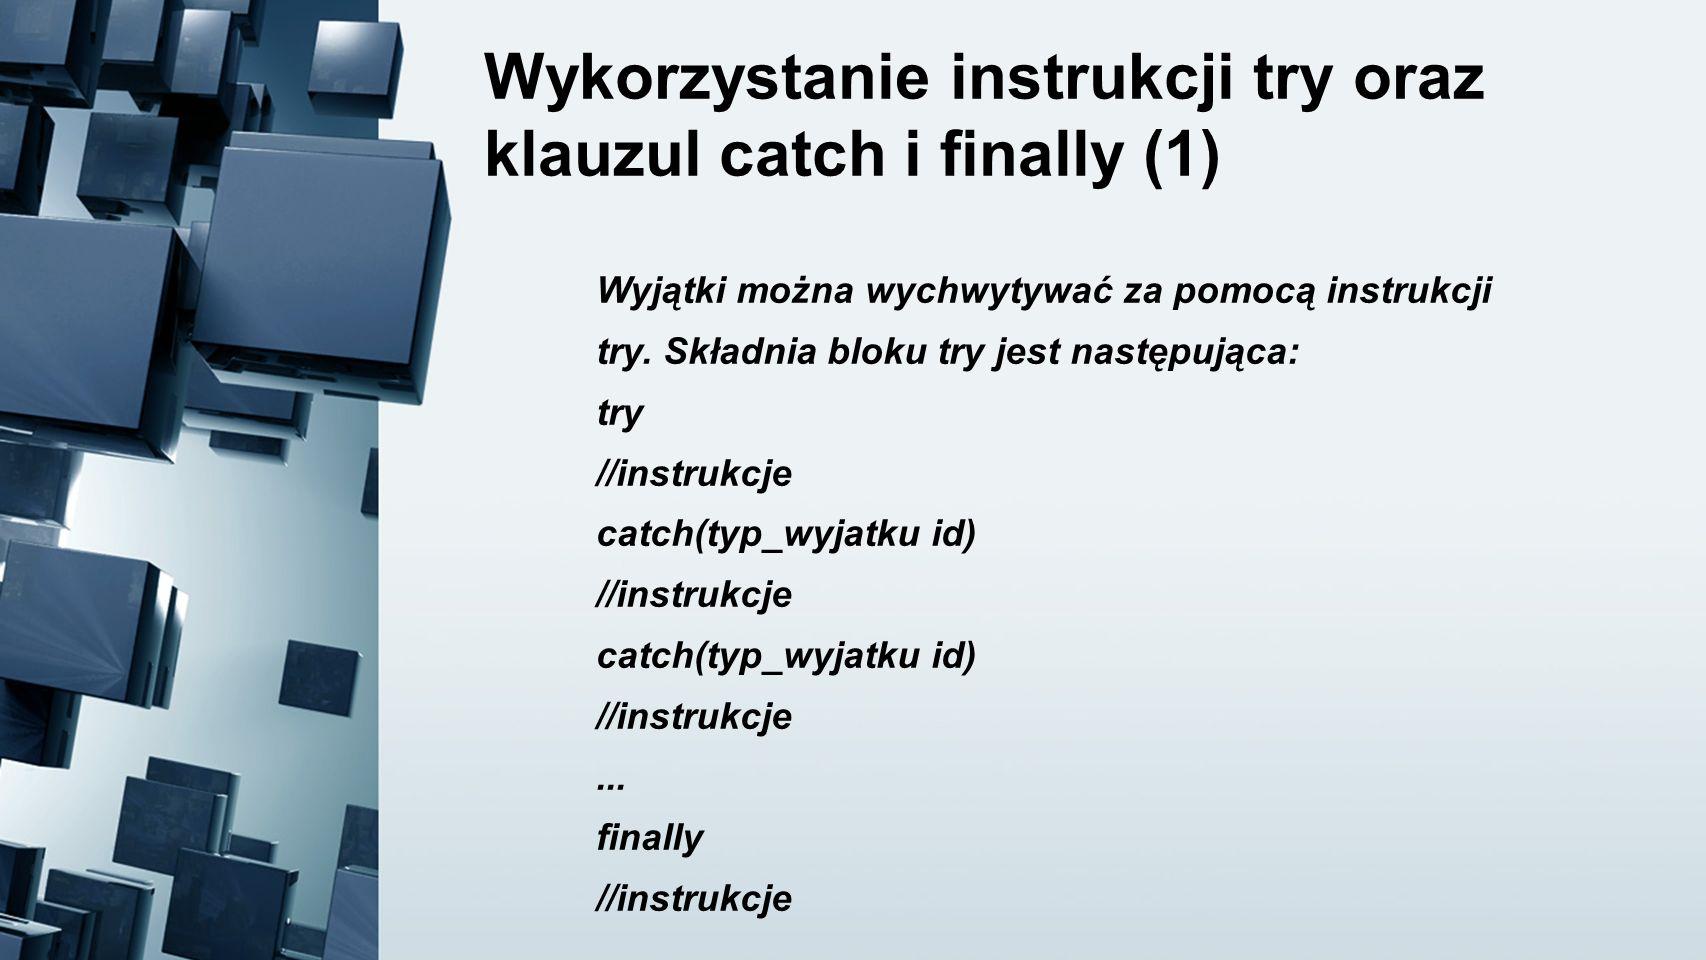 Wykorzystanie instrukcji try oraz klauzul catch i finally (1) Wyjątki można wychwytywać za pomocą instrukcji try. Składnia bloku try jest następująca: